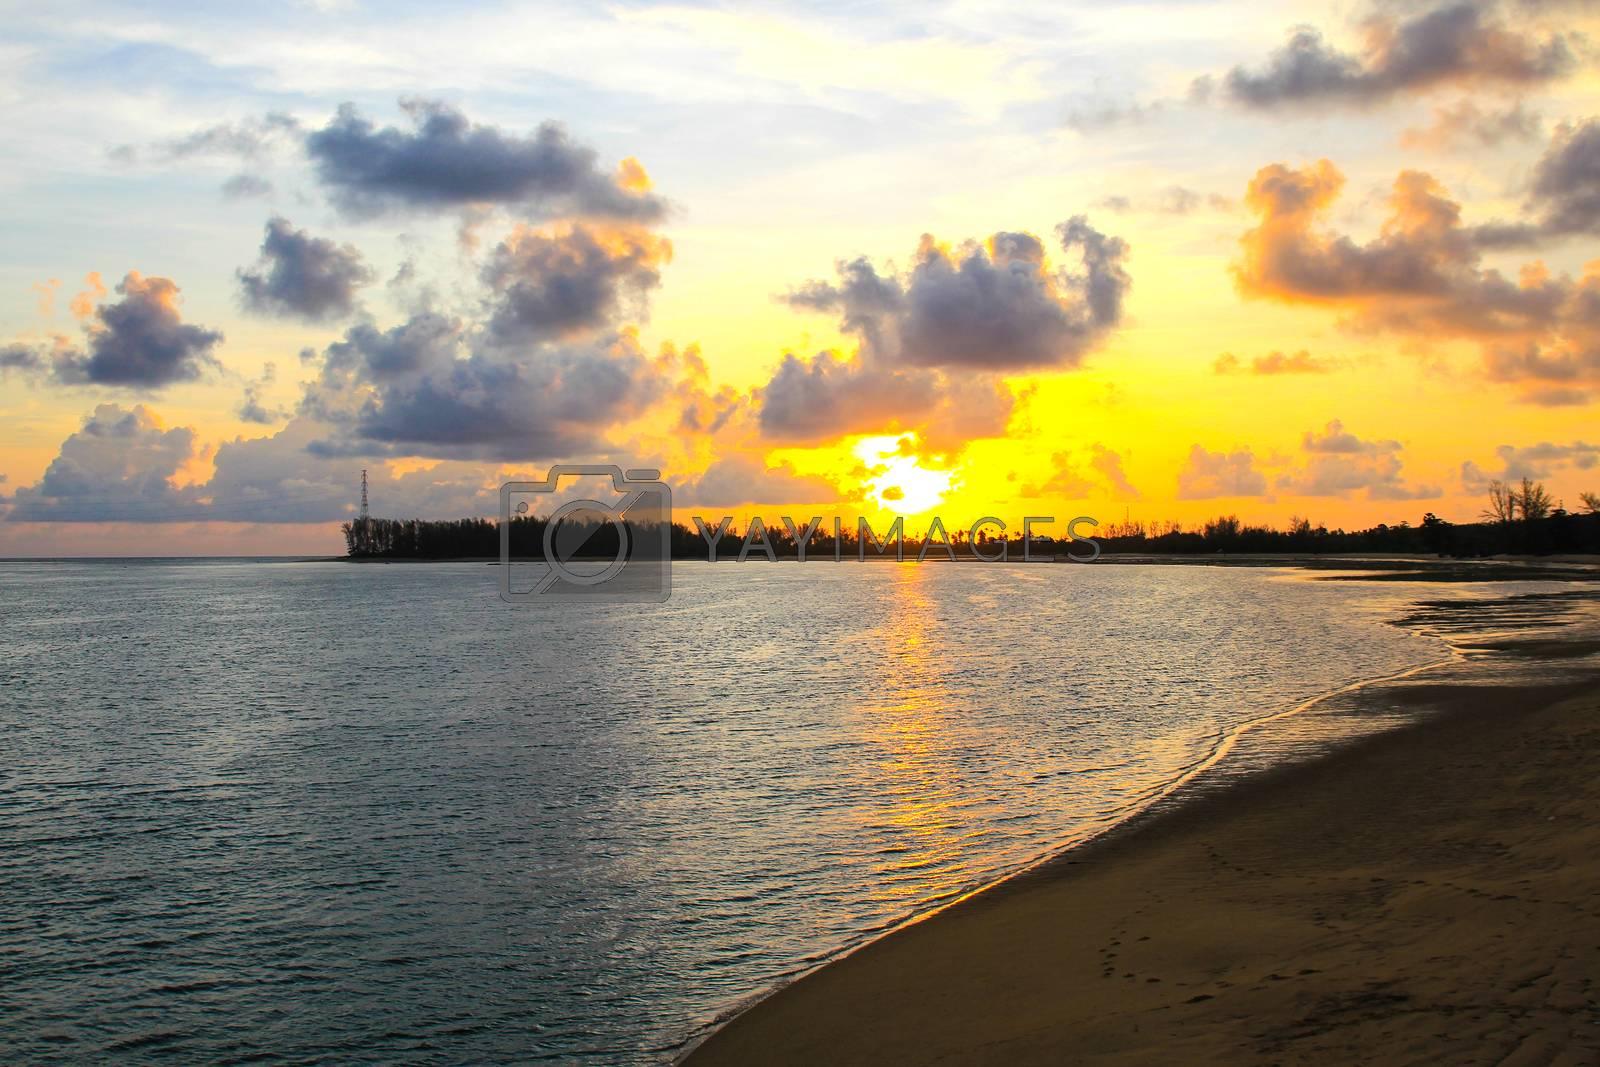 Sunset Sky on tropical beach in Phuket ,Thailand. by Nunnicha Supagrit